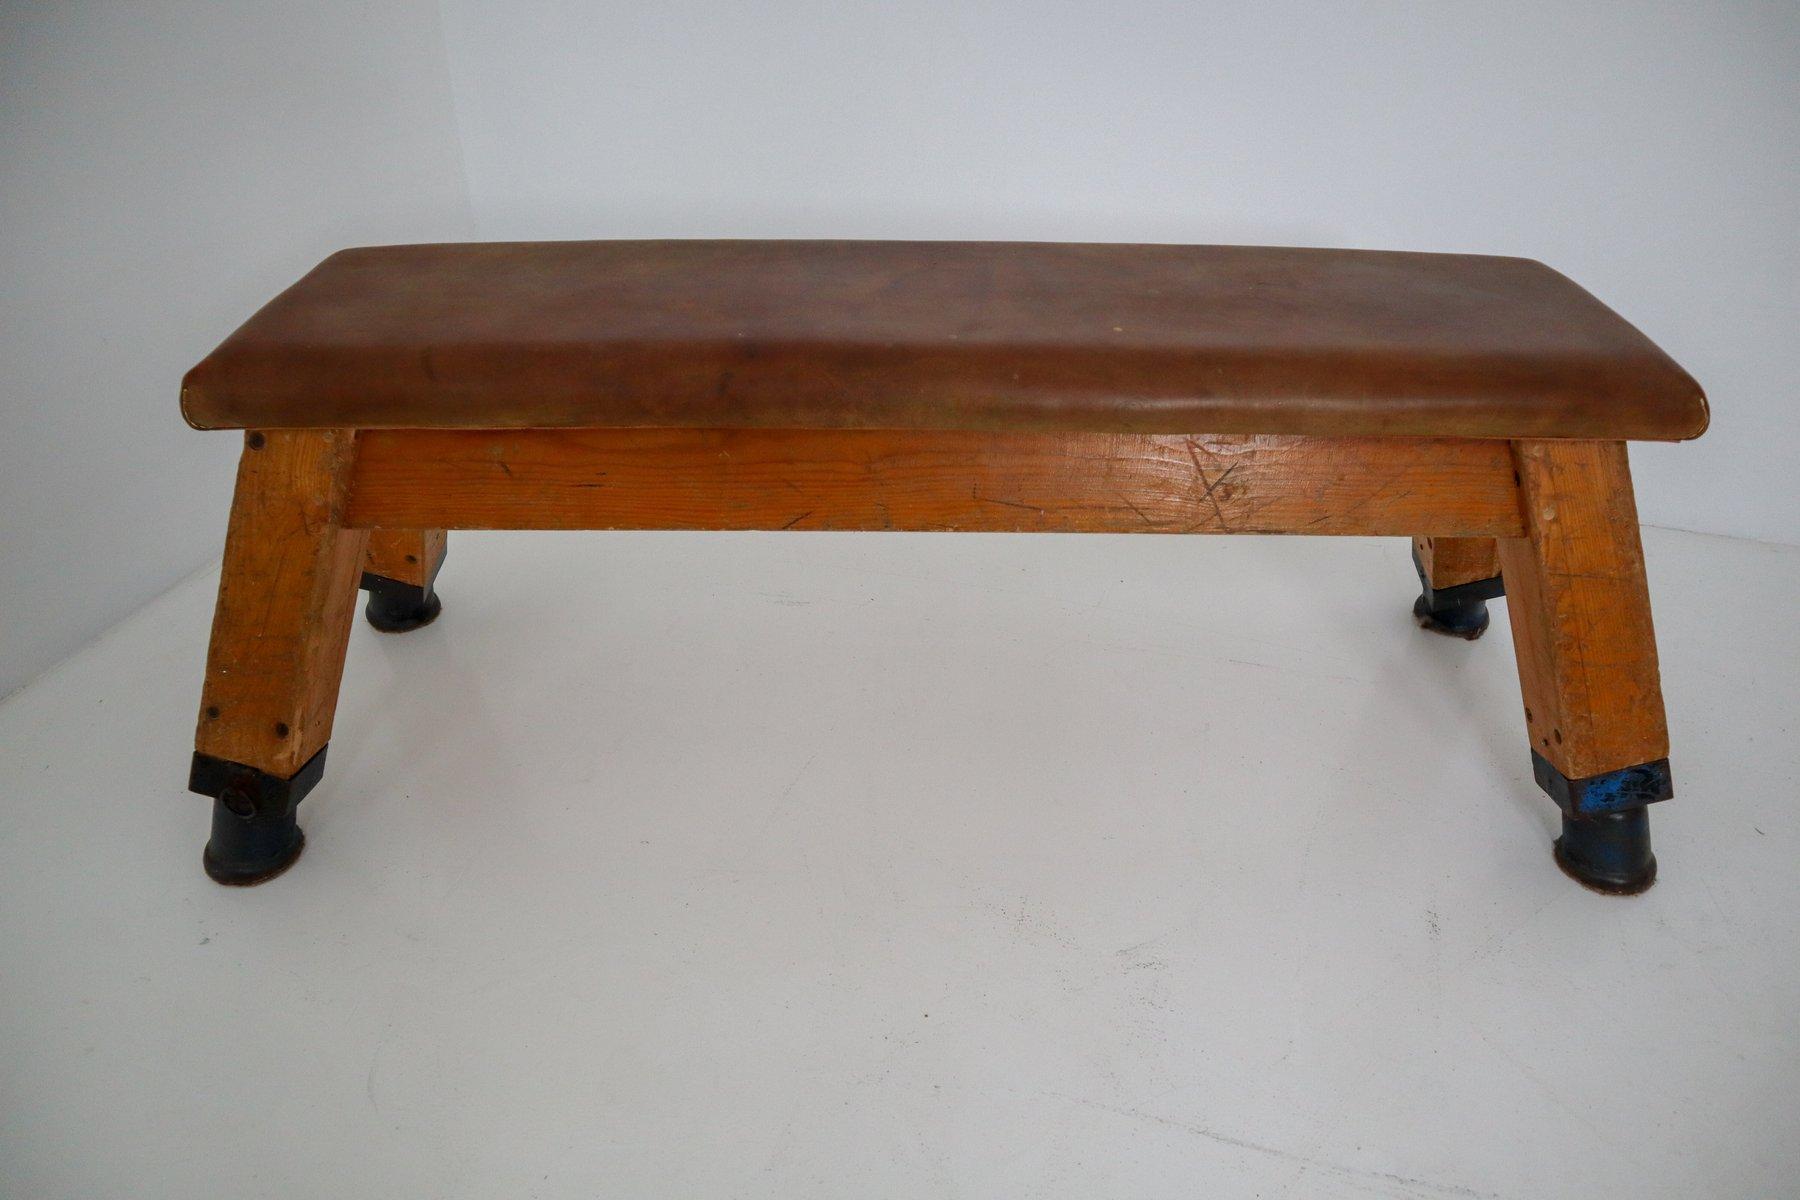 patinierte vintage turnbank oder tisch aus leder 1960er. Black Bedroom Furniture Sets. Home Design Ideas